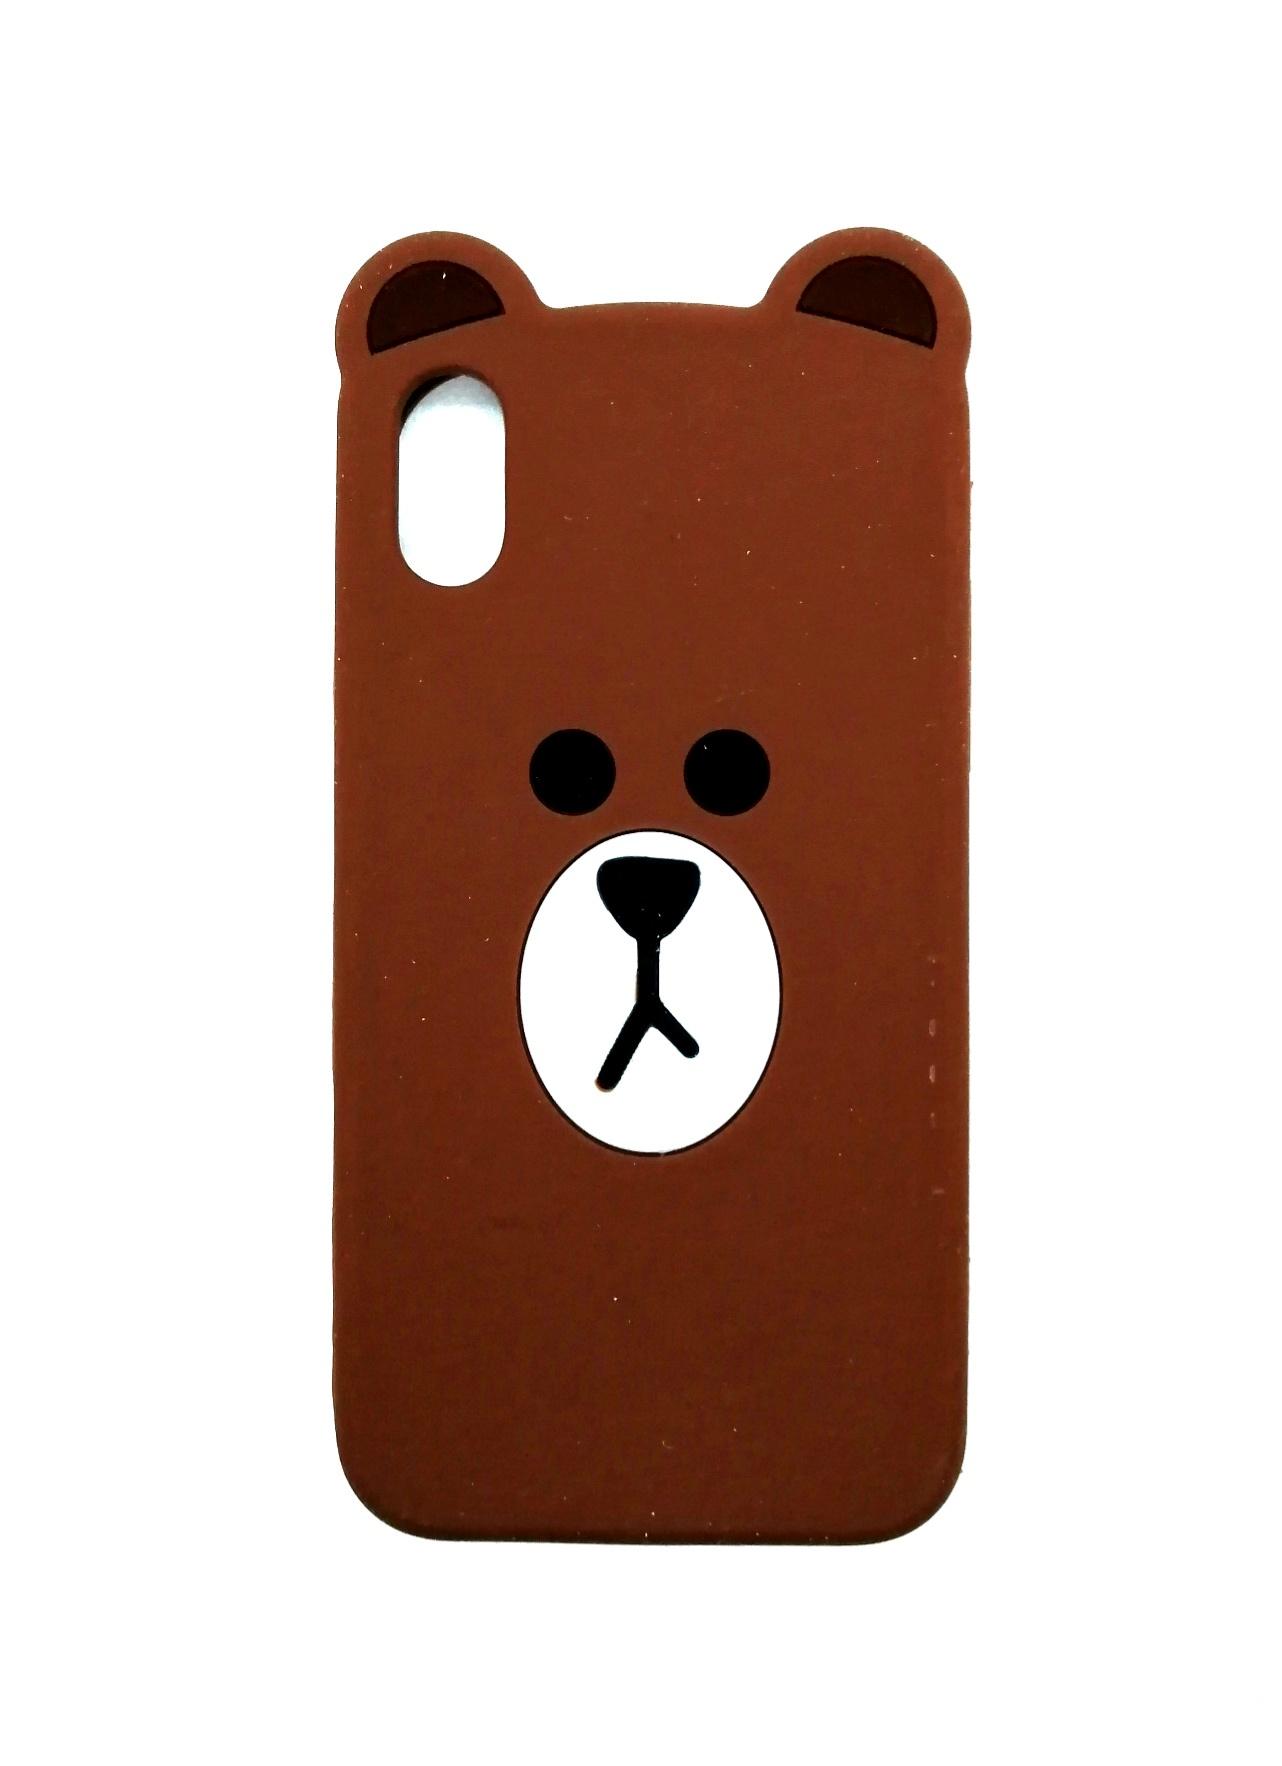 Чехол для сотового телефона ZUP BRAOWN для Iphone 7/8, коричневый чехол для сотового телефона zup lord nermal для iphone xs max черный